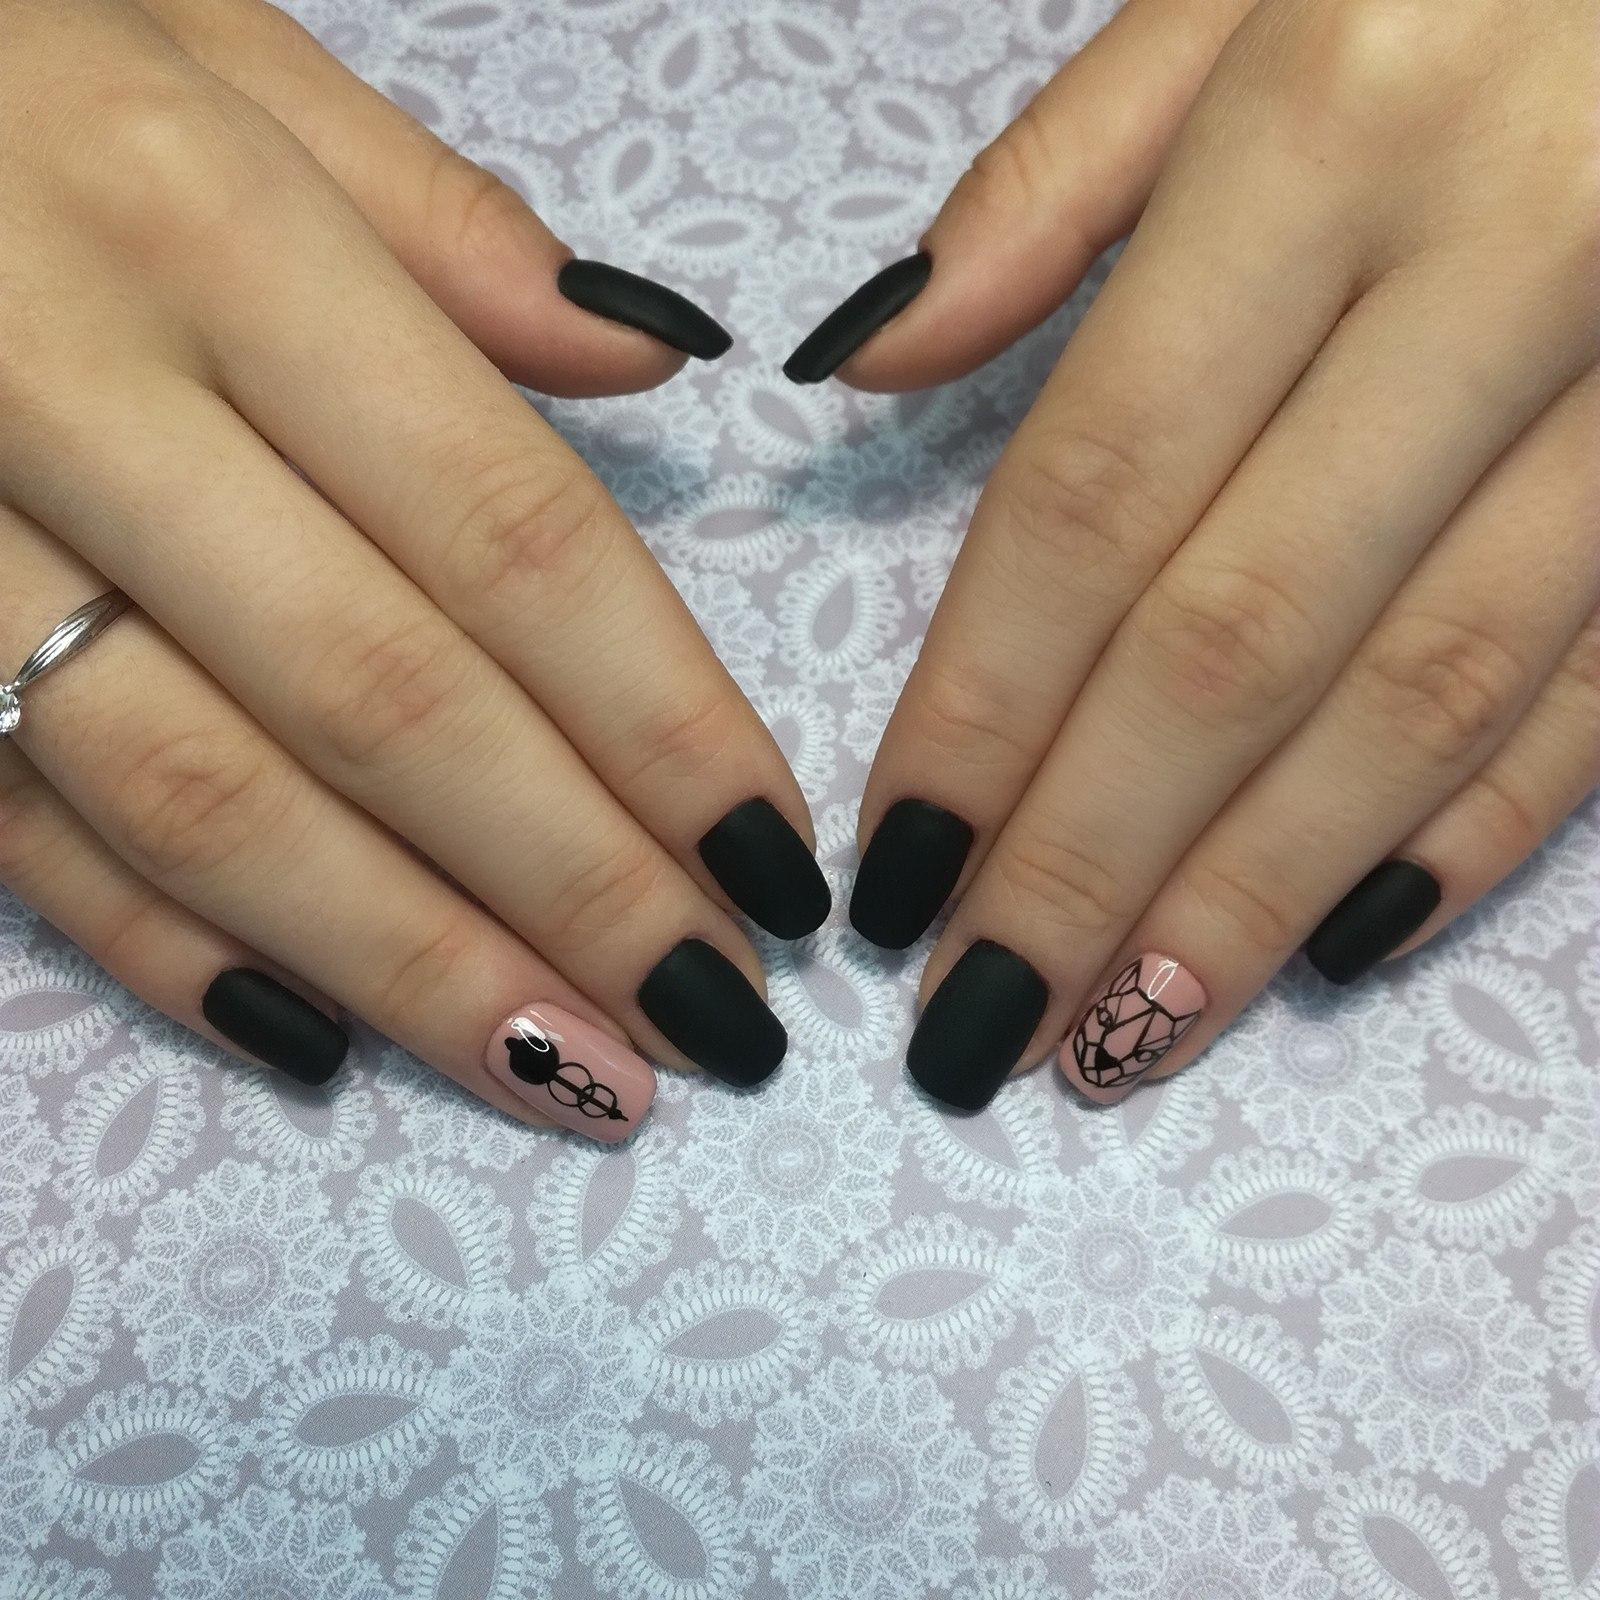 Матовый маникюр с геометрическими слайдерами в черном цвете.